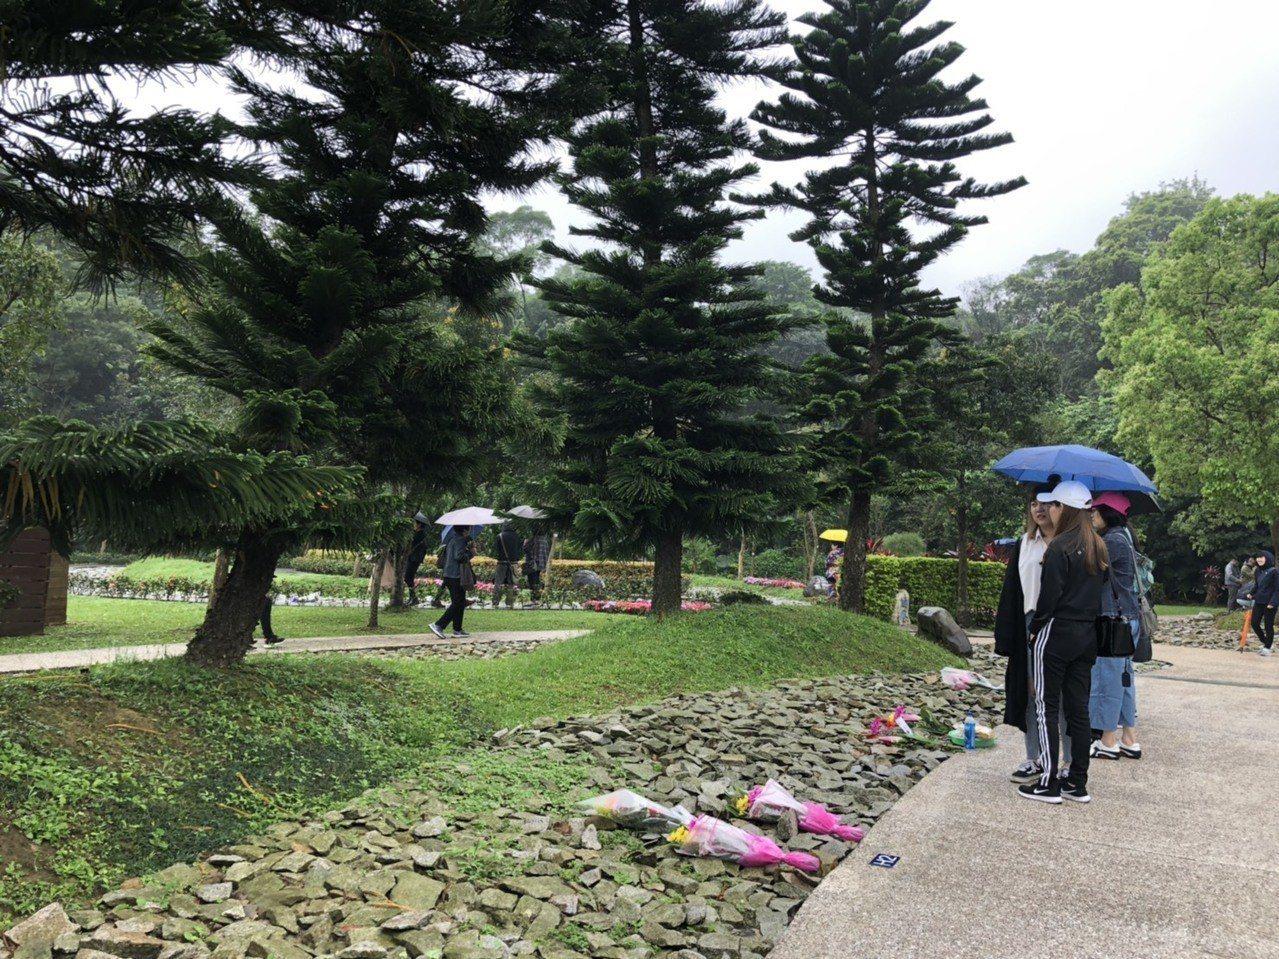 近年來環保意識抬頭,根據北市府殯葬處統計,近四年來,選擇環保葬的民眾越來越多,以...